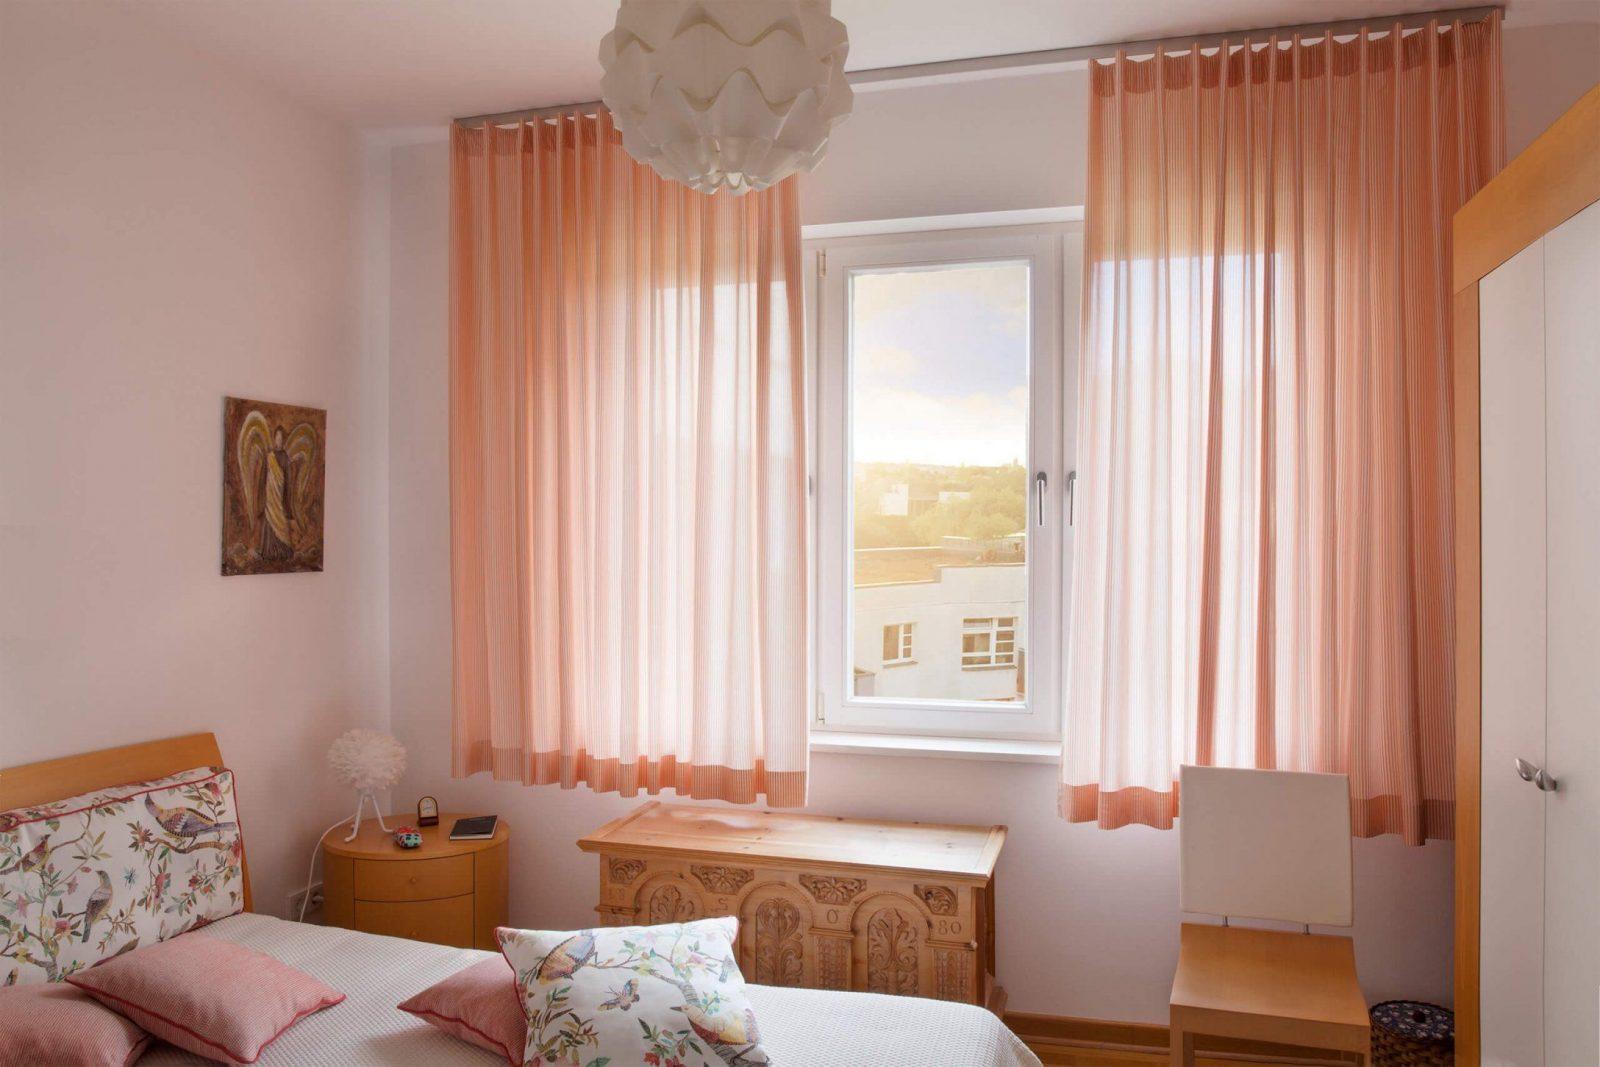 Schlafzimmer Gardinen In Berlin Charlottenburg  Adler Wohndesign von Schlafzimmer Gardinen Bilder Photo